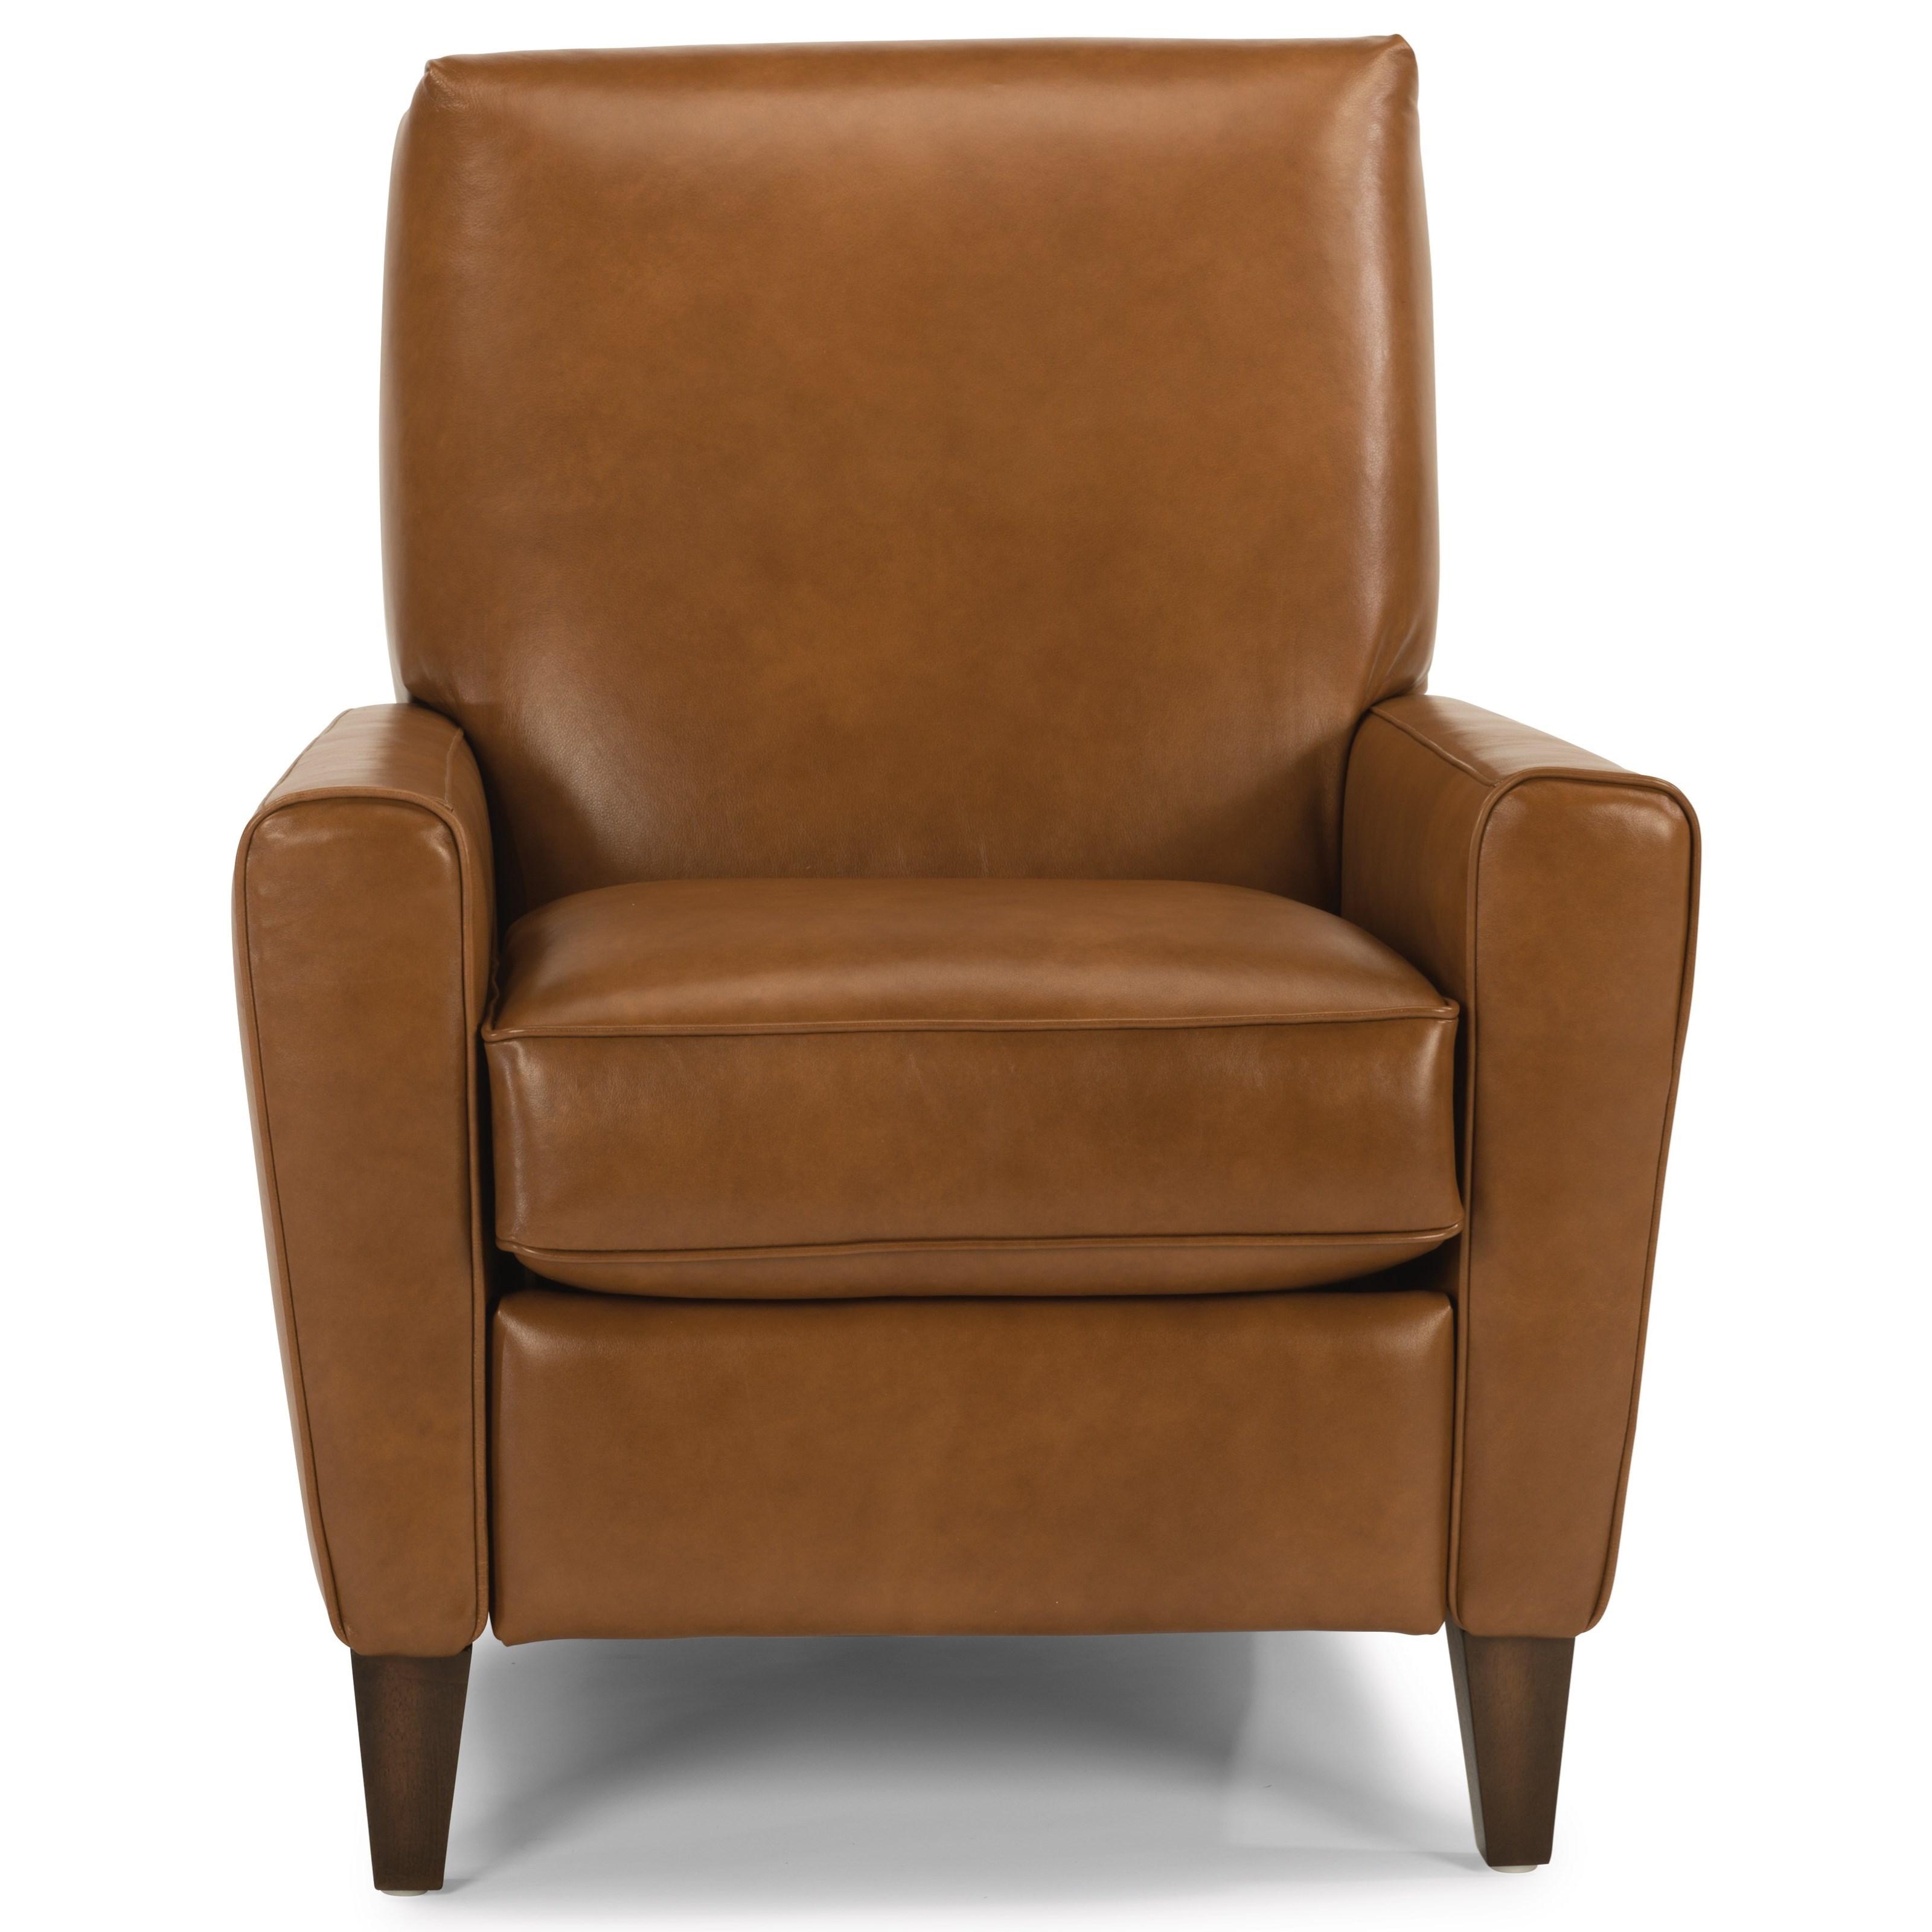 Very best Flexsteel Digby Upholstered High Leg Recliner Chair | Wayside  IA92